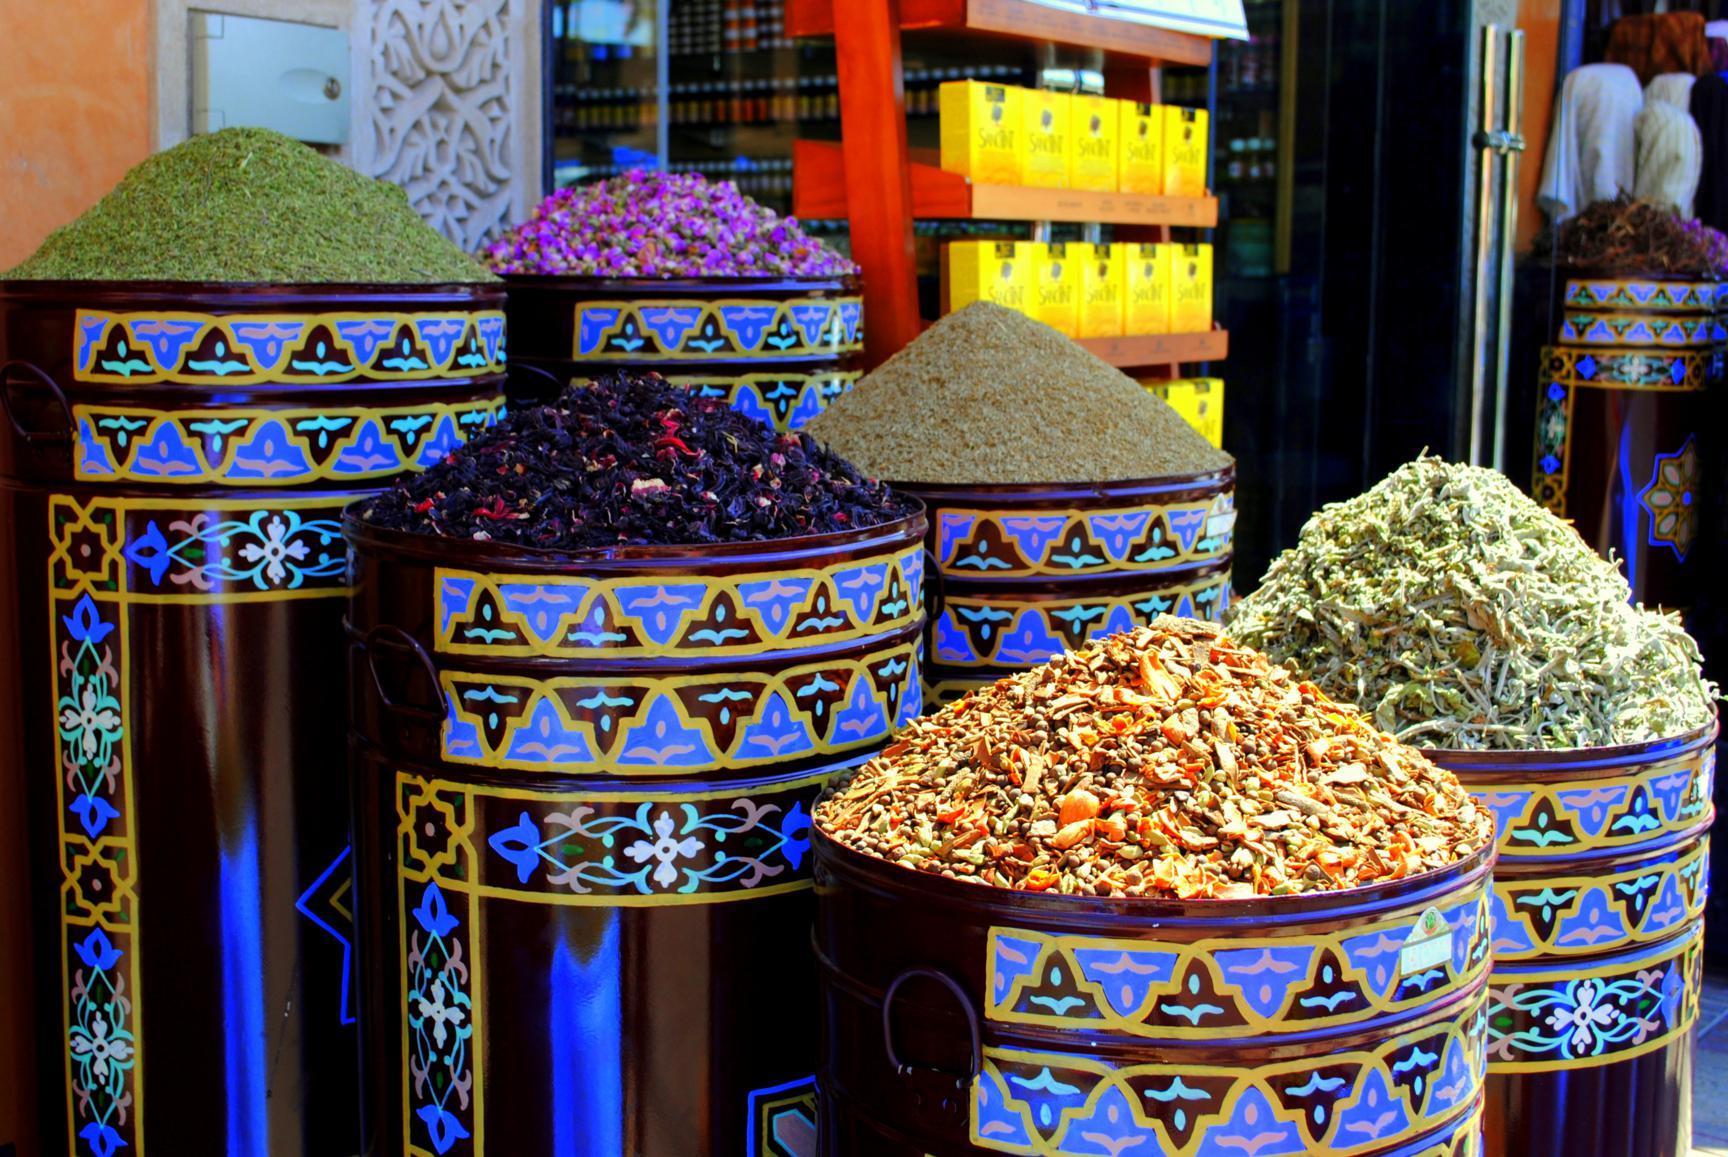 Marrakech. Lujo gastronómico. Nuba everywhere. Especias